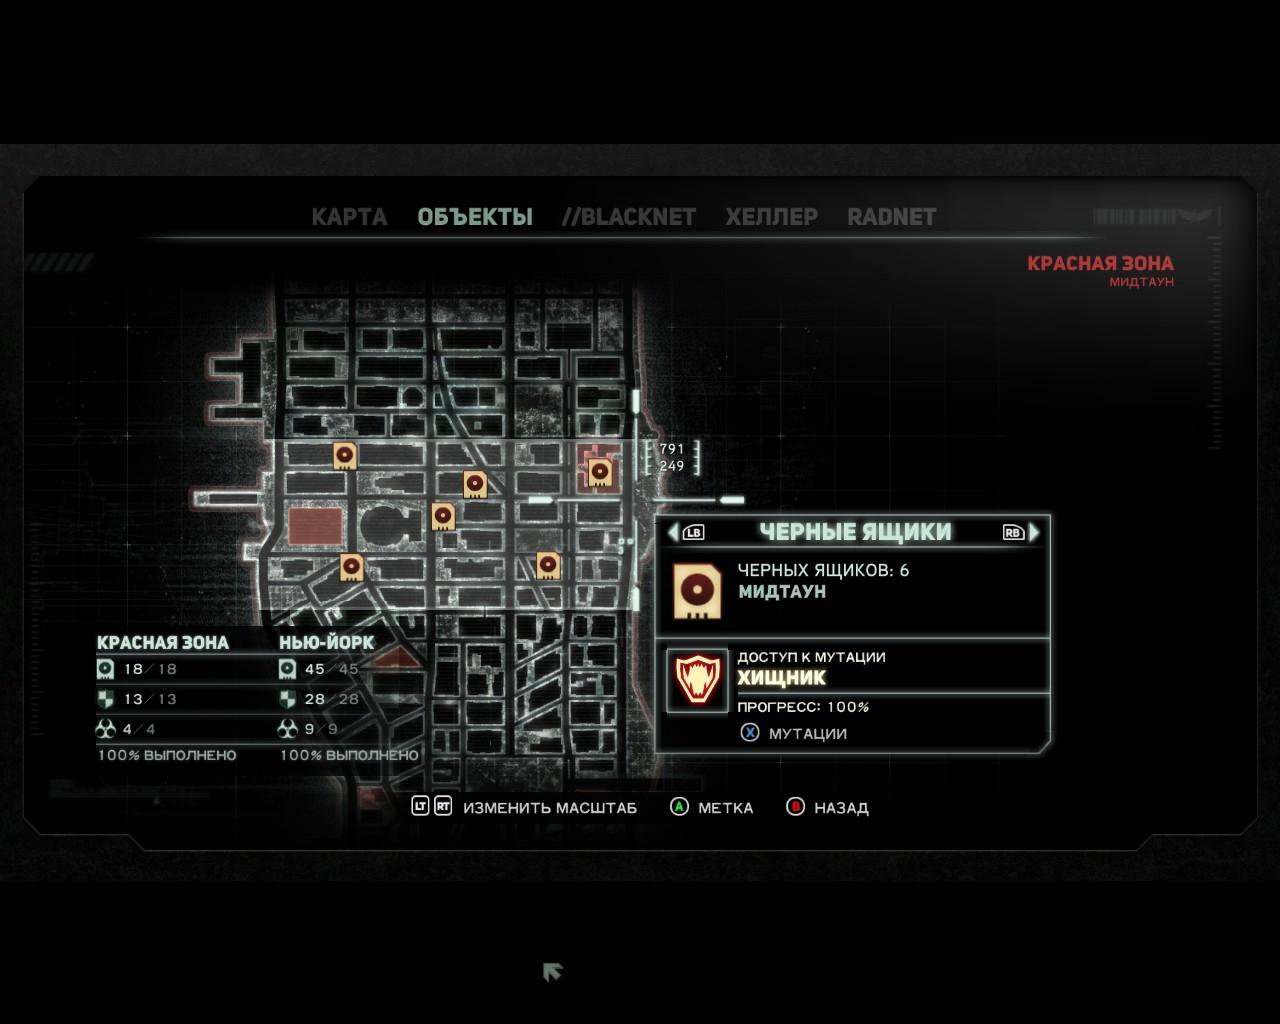 Как Найти Доктора Сандра Биллингсли В Игре Prototype 2